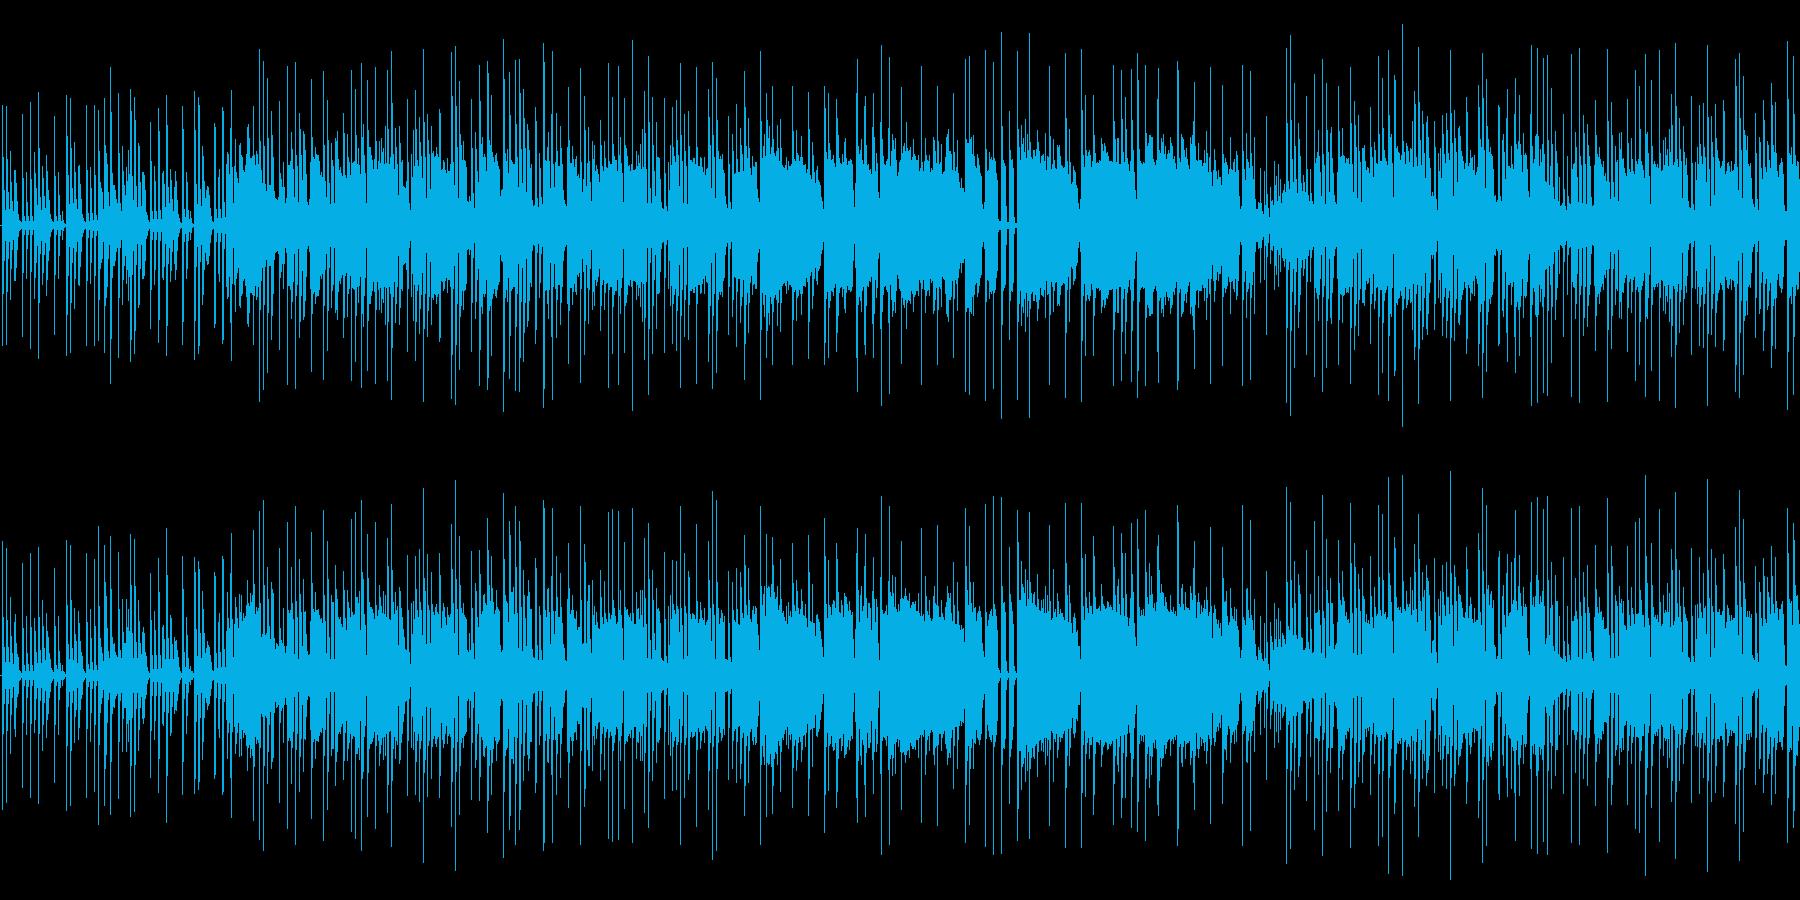 ピアノとオルガンのミドルテンポのポップスの再生済みの波形